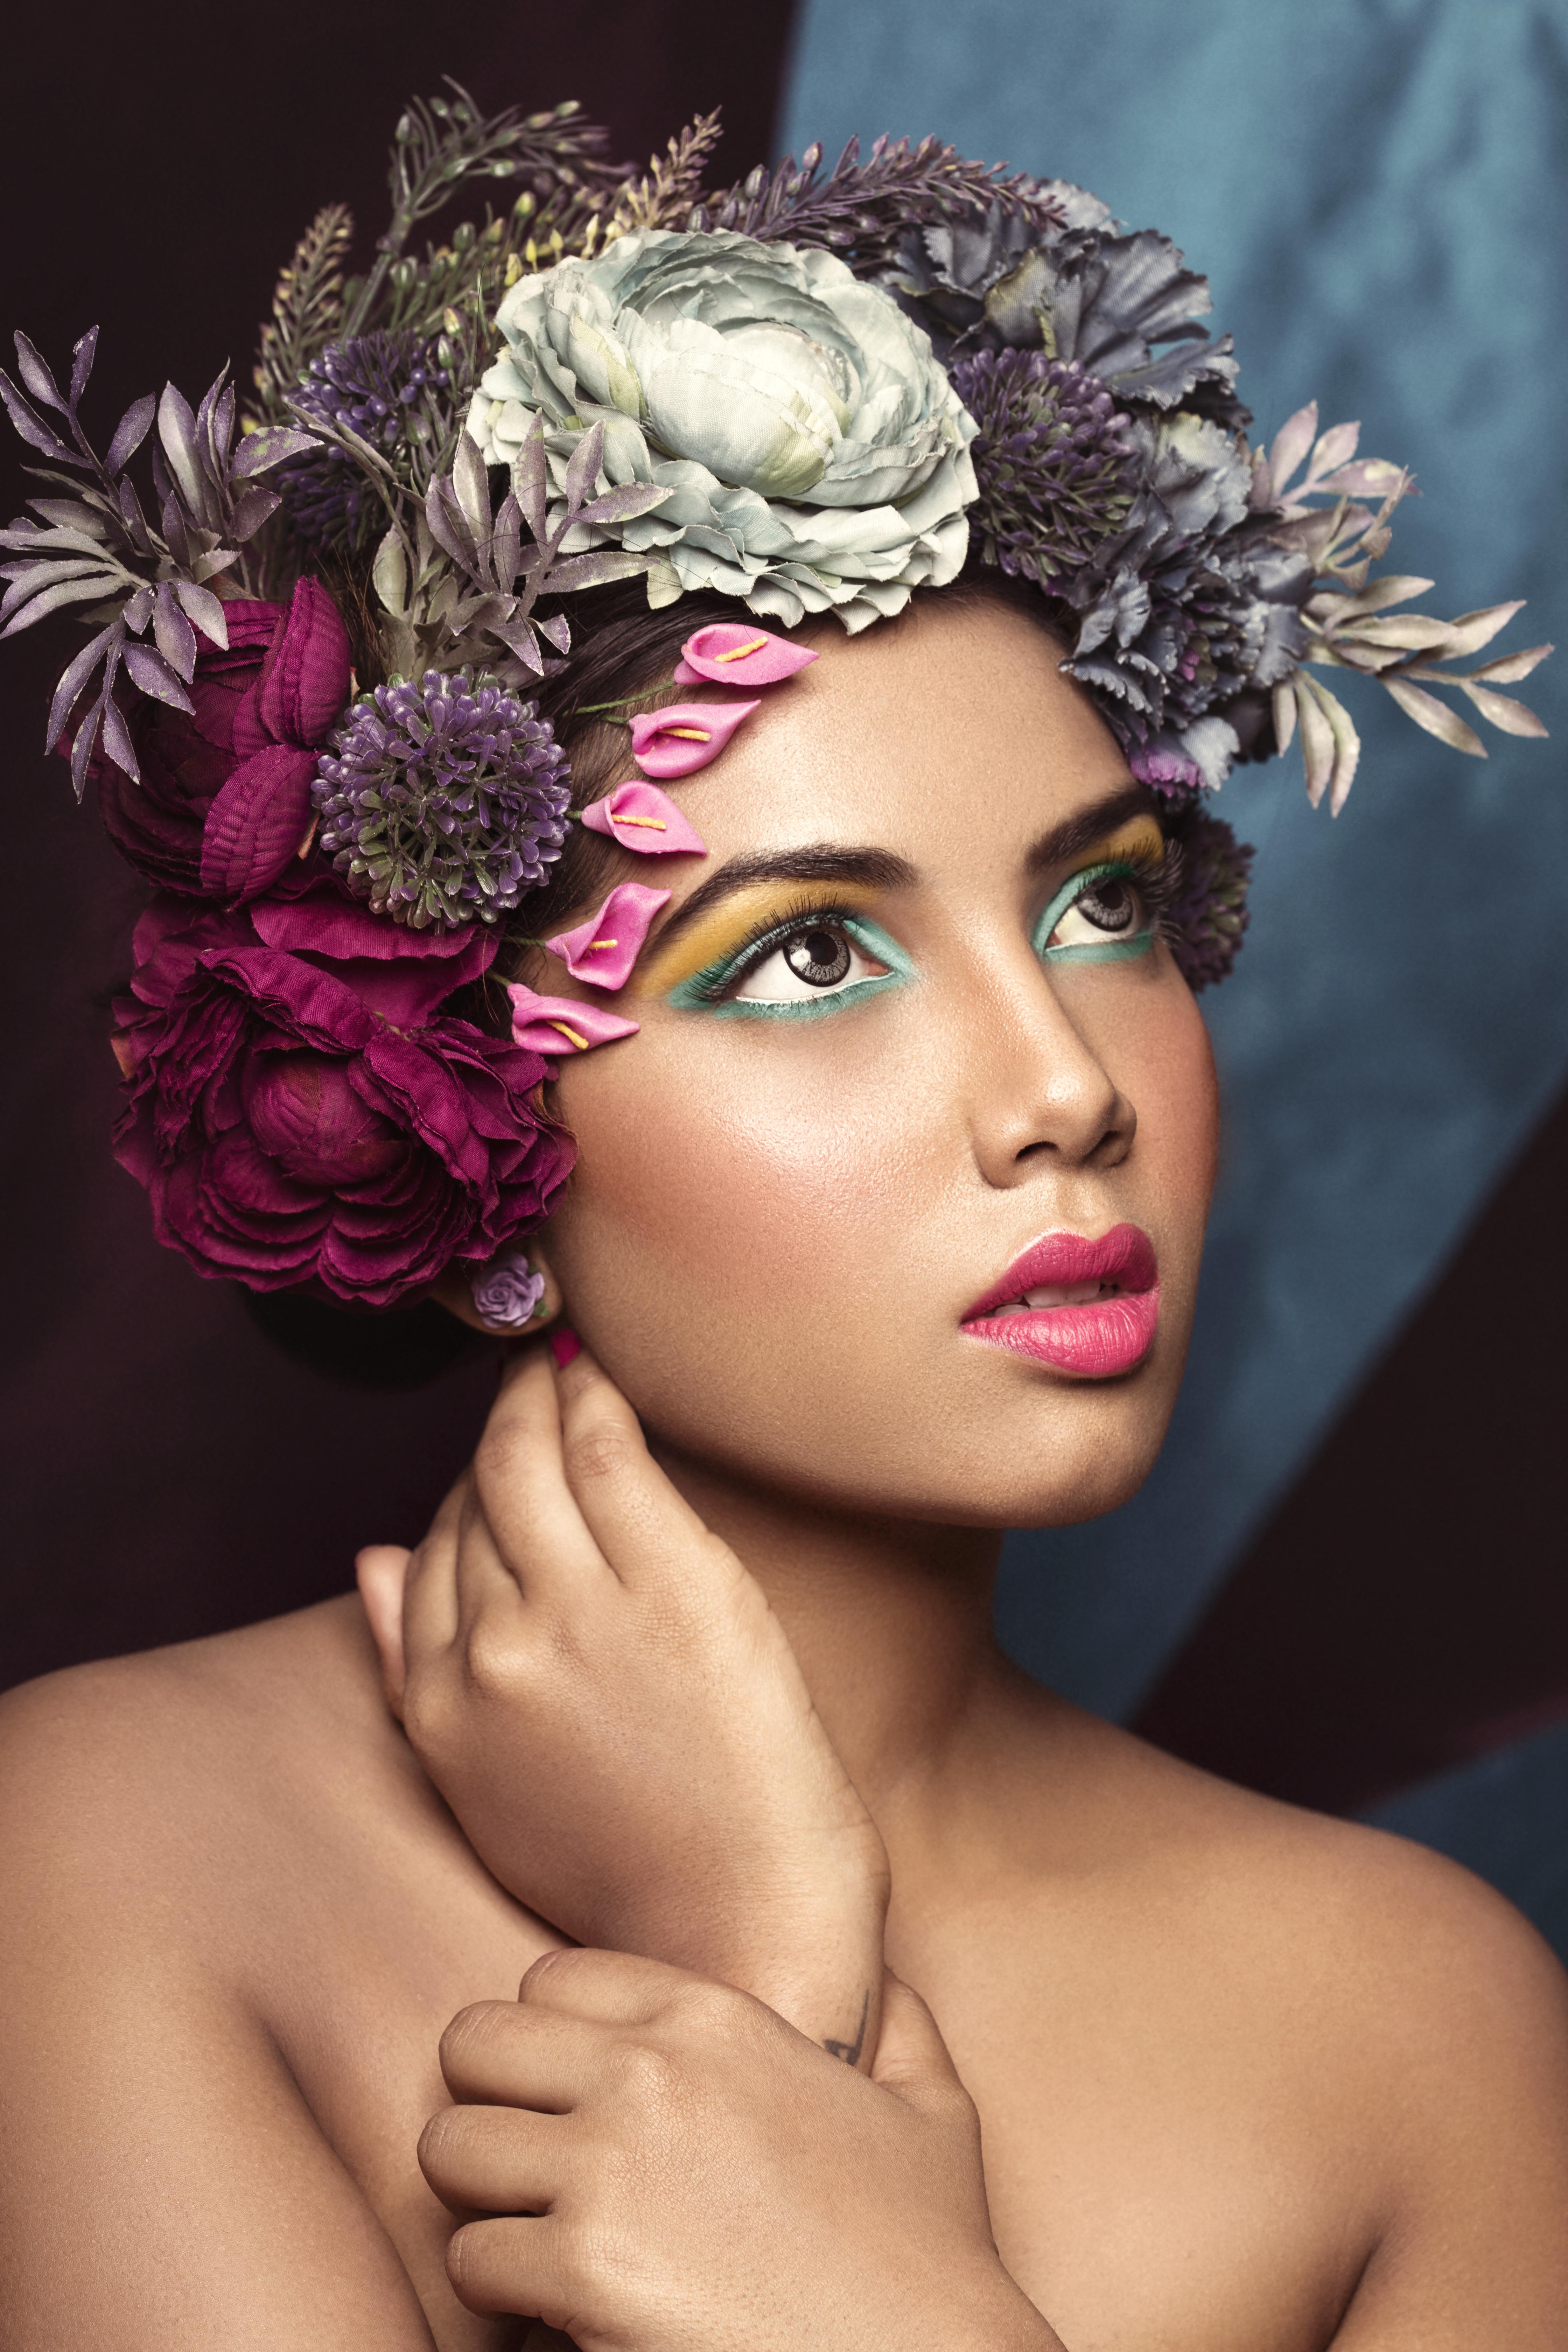 Creative Floral makeup